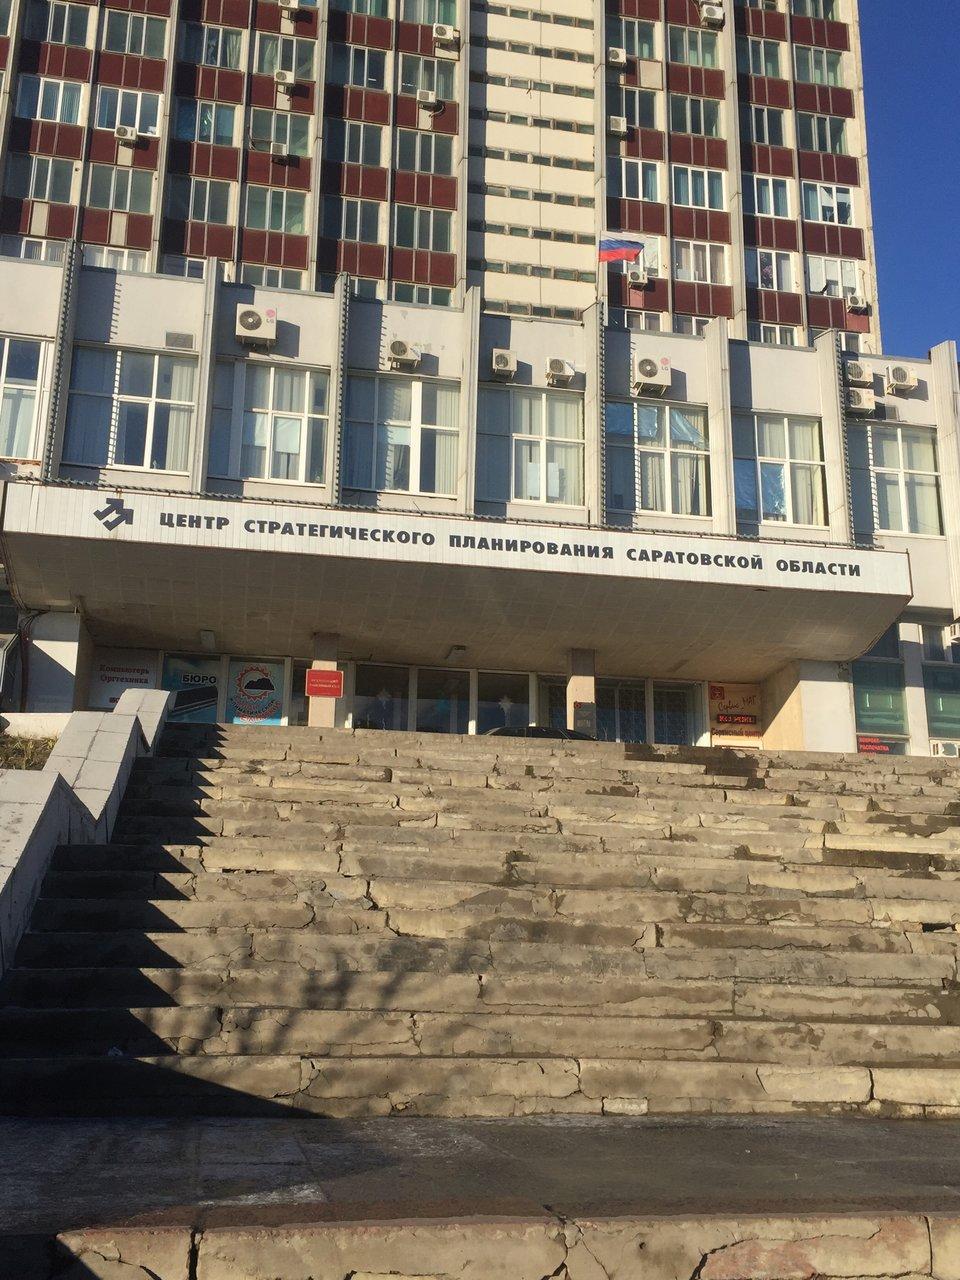 Фрунзенский районный суд г. Саратова